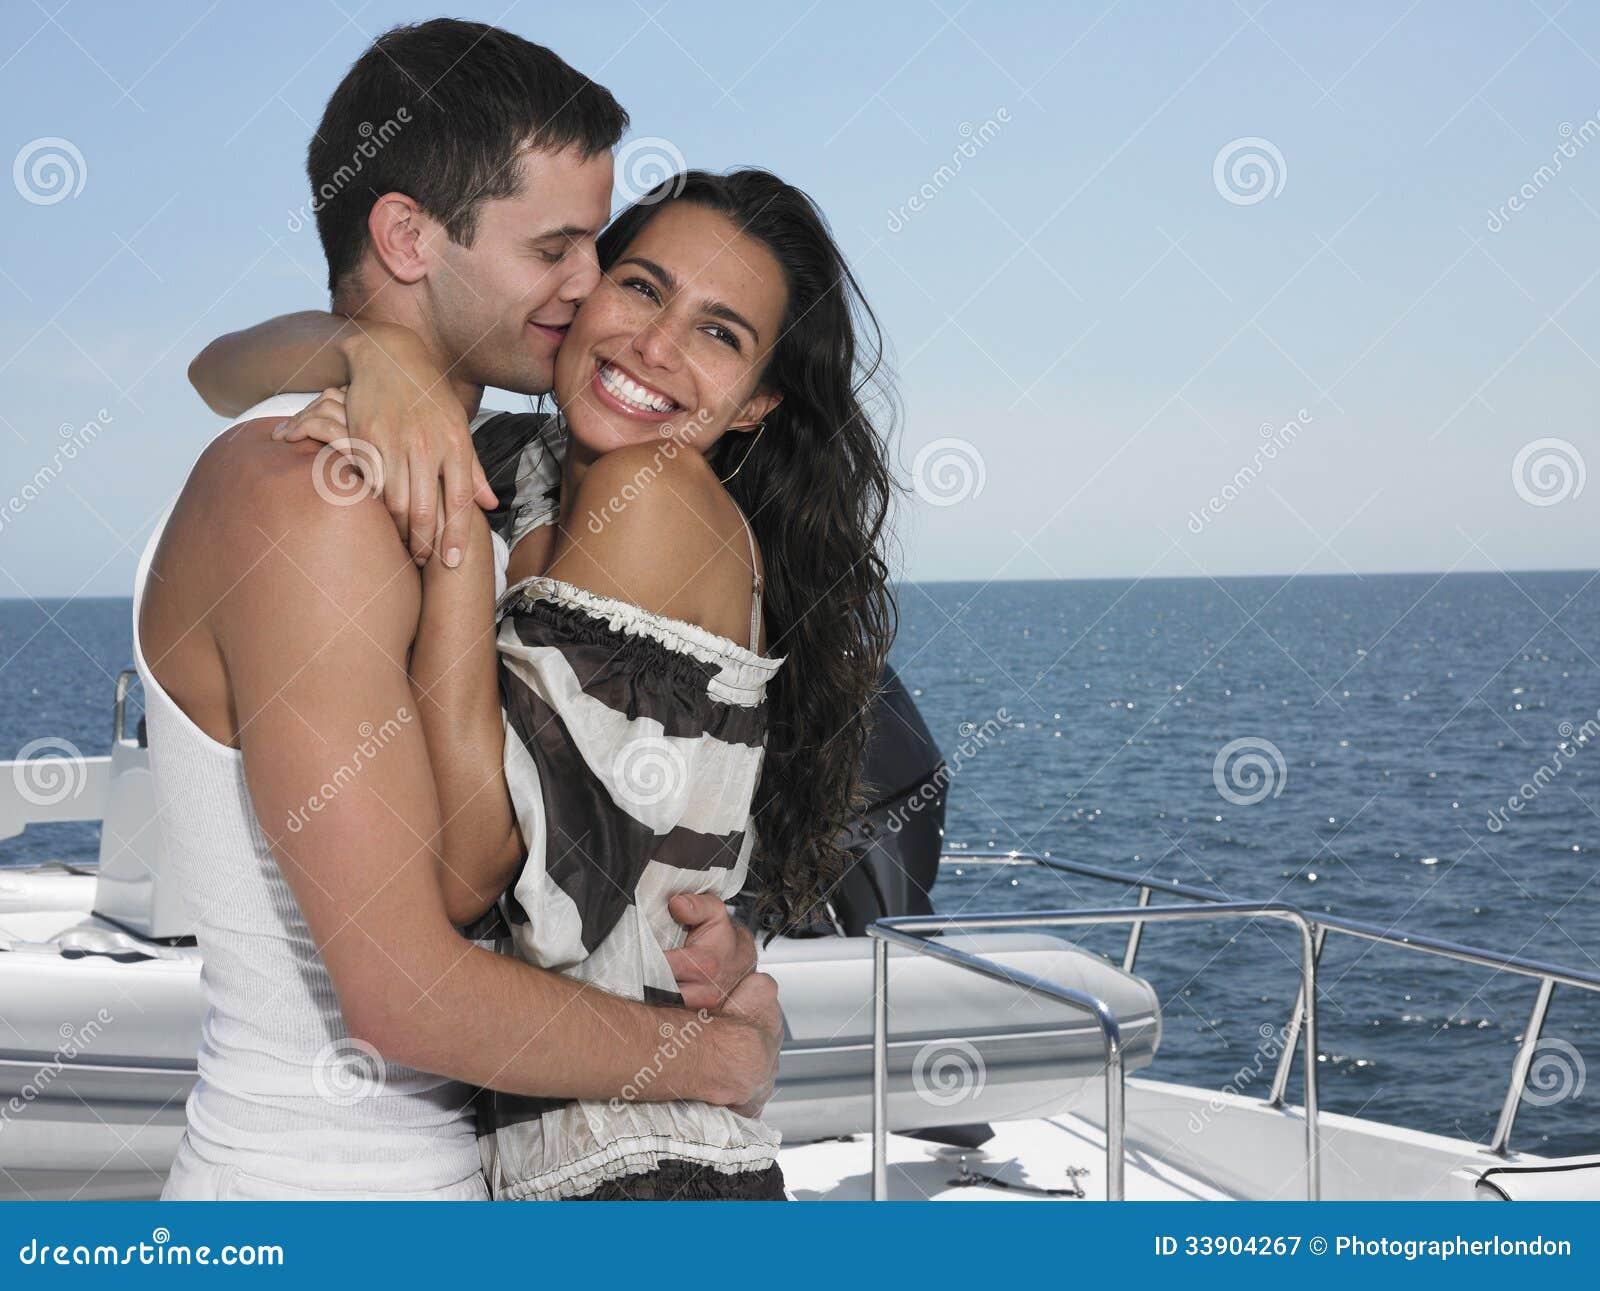 Kissing Tips For Women From Men